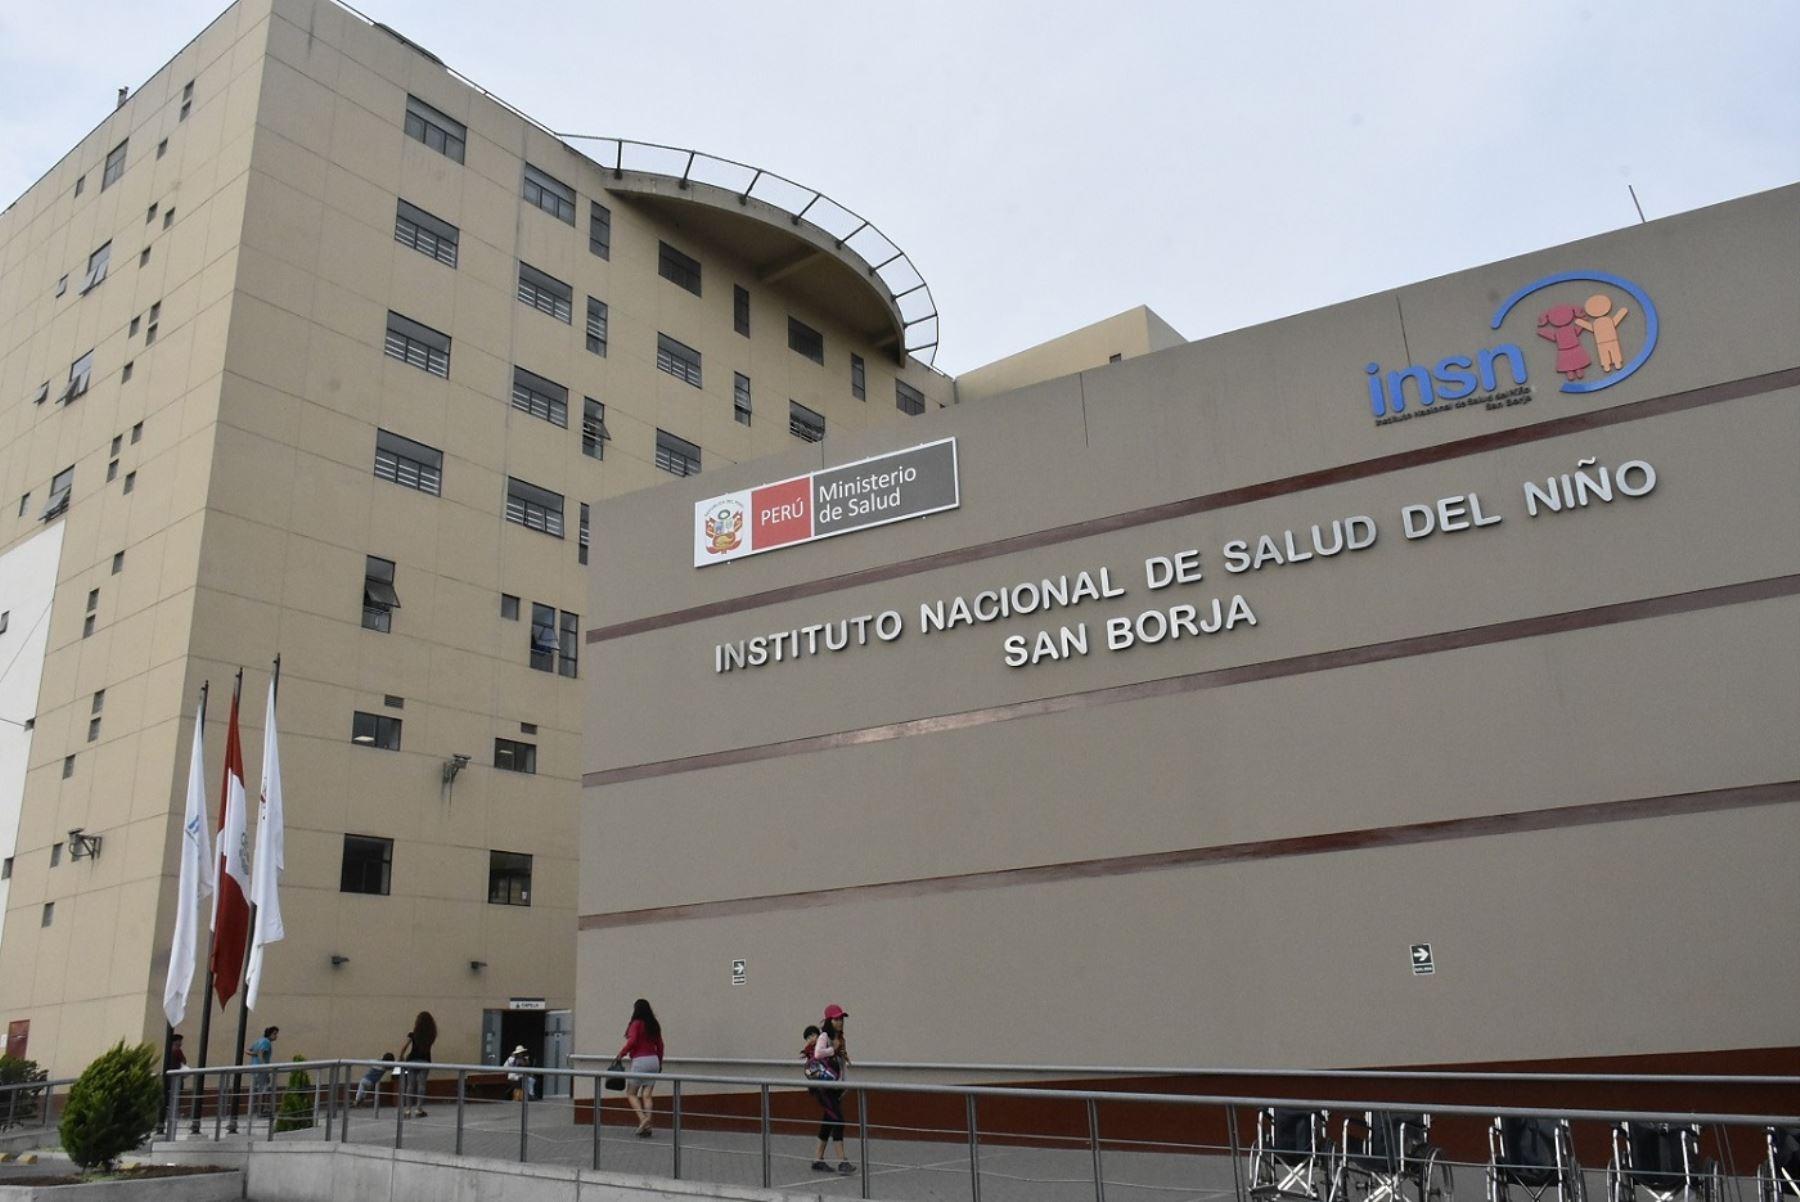 Califican al INSN San Borja como uno de los hospitales mejor equipados de la región  Destacan que centro pediátrico brinda tecnología médica del más alto nivel a favor de los niños del país